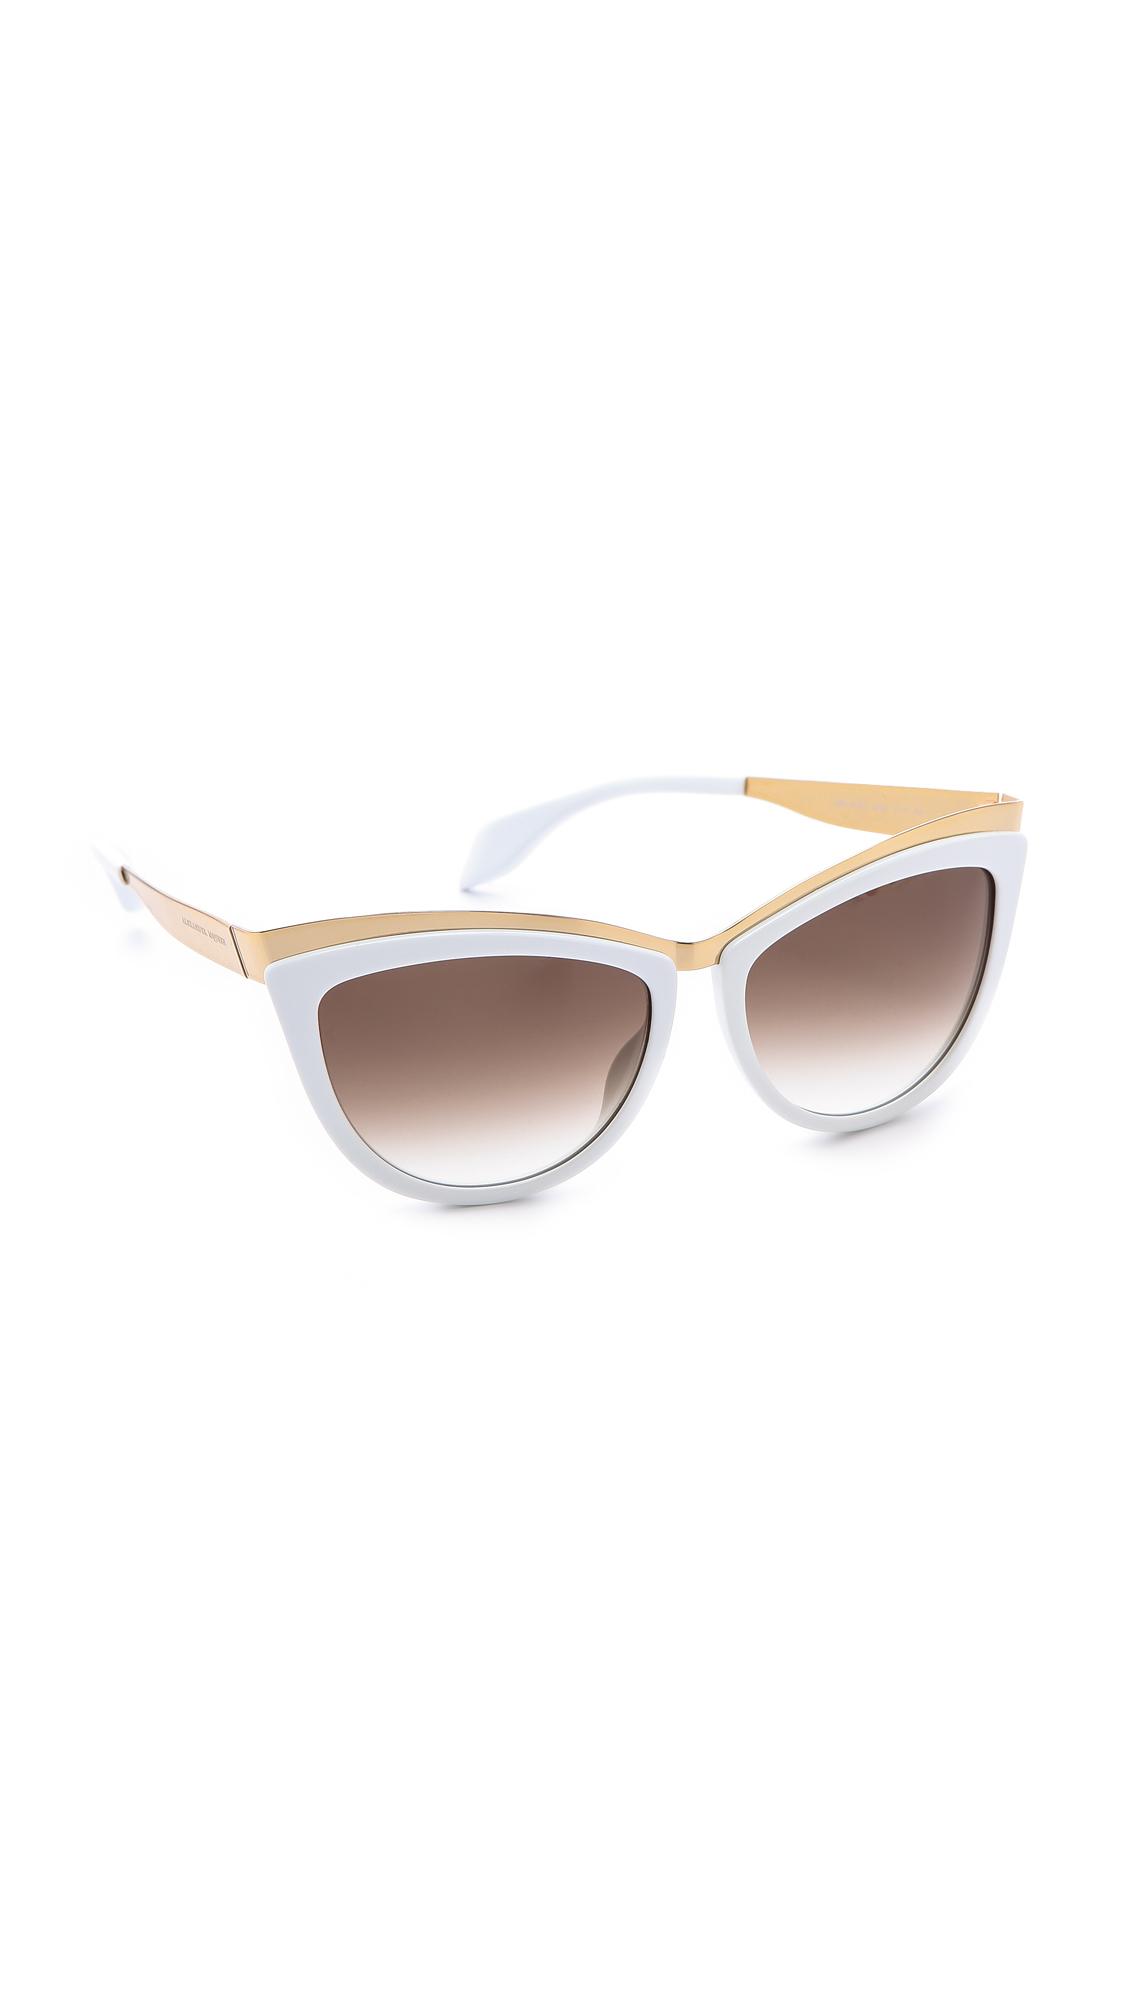 a6bb22ed8853 Alexander McQueen Cat Eye Sunglasses